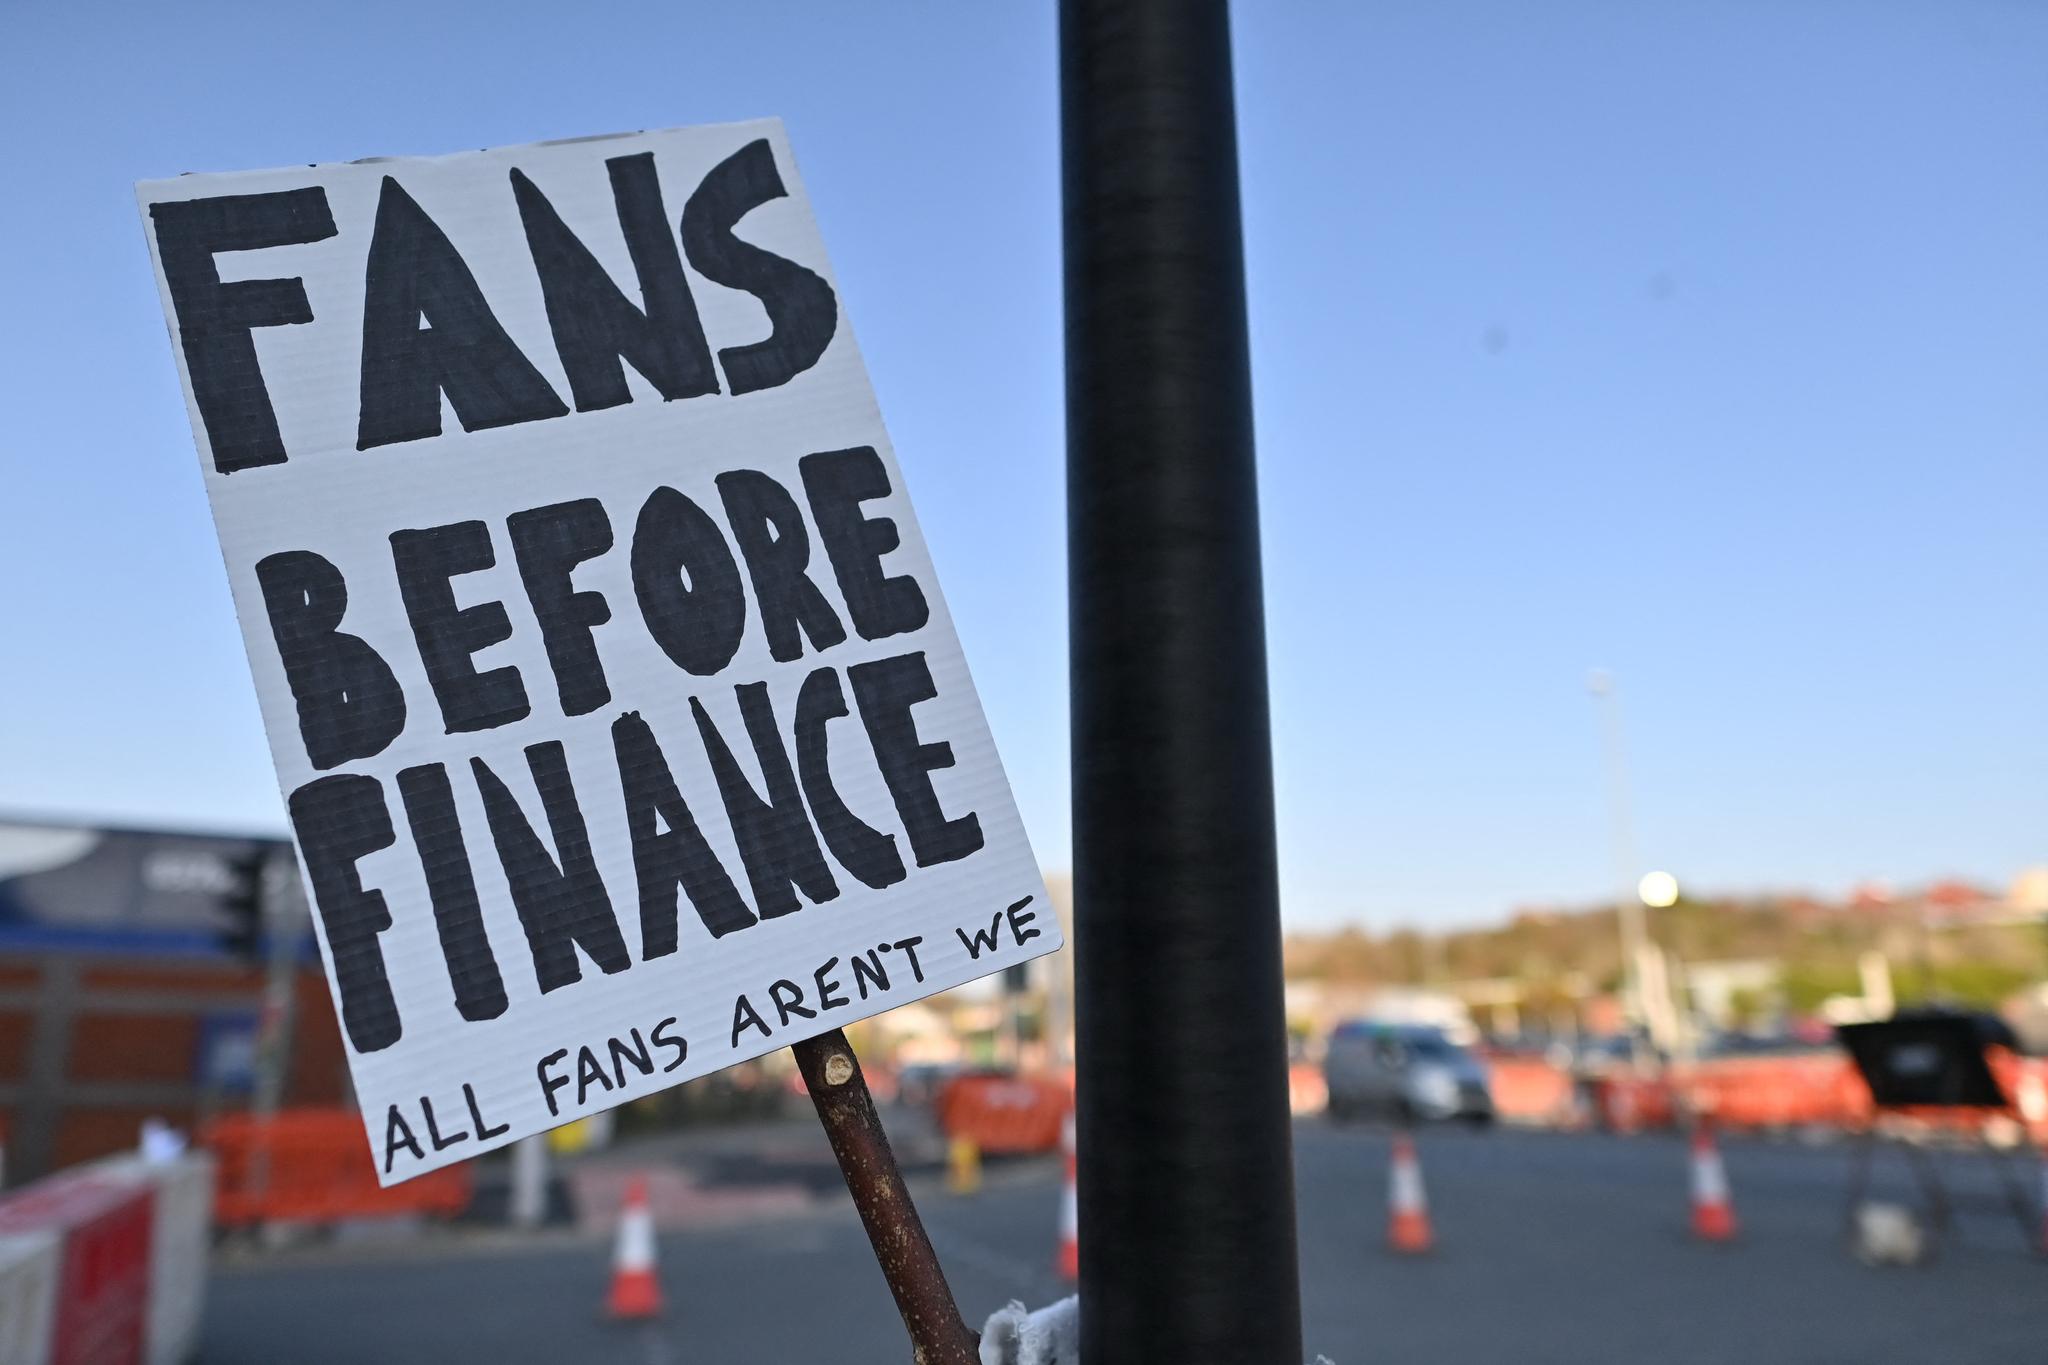 영국 리즈의 엘란드 로드 구장 밖에 19일 '돈 이전에 팬'이라고 쓴 플래카드가 세워져 있다. 구장에서는 리즈 유나이티드와 리버풀의 경기가 열렸다. 리버풀은 이날 출범한 유러피언 슈퍼리그에 참가했다. AFP=연합뉴스